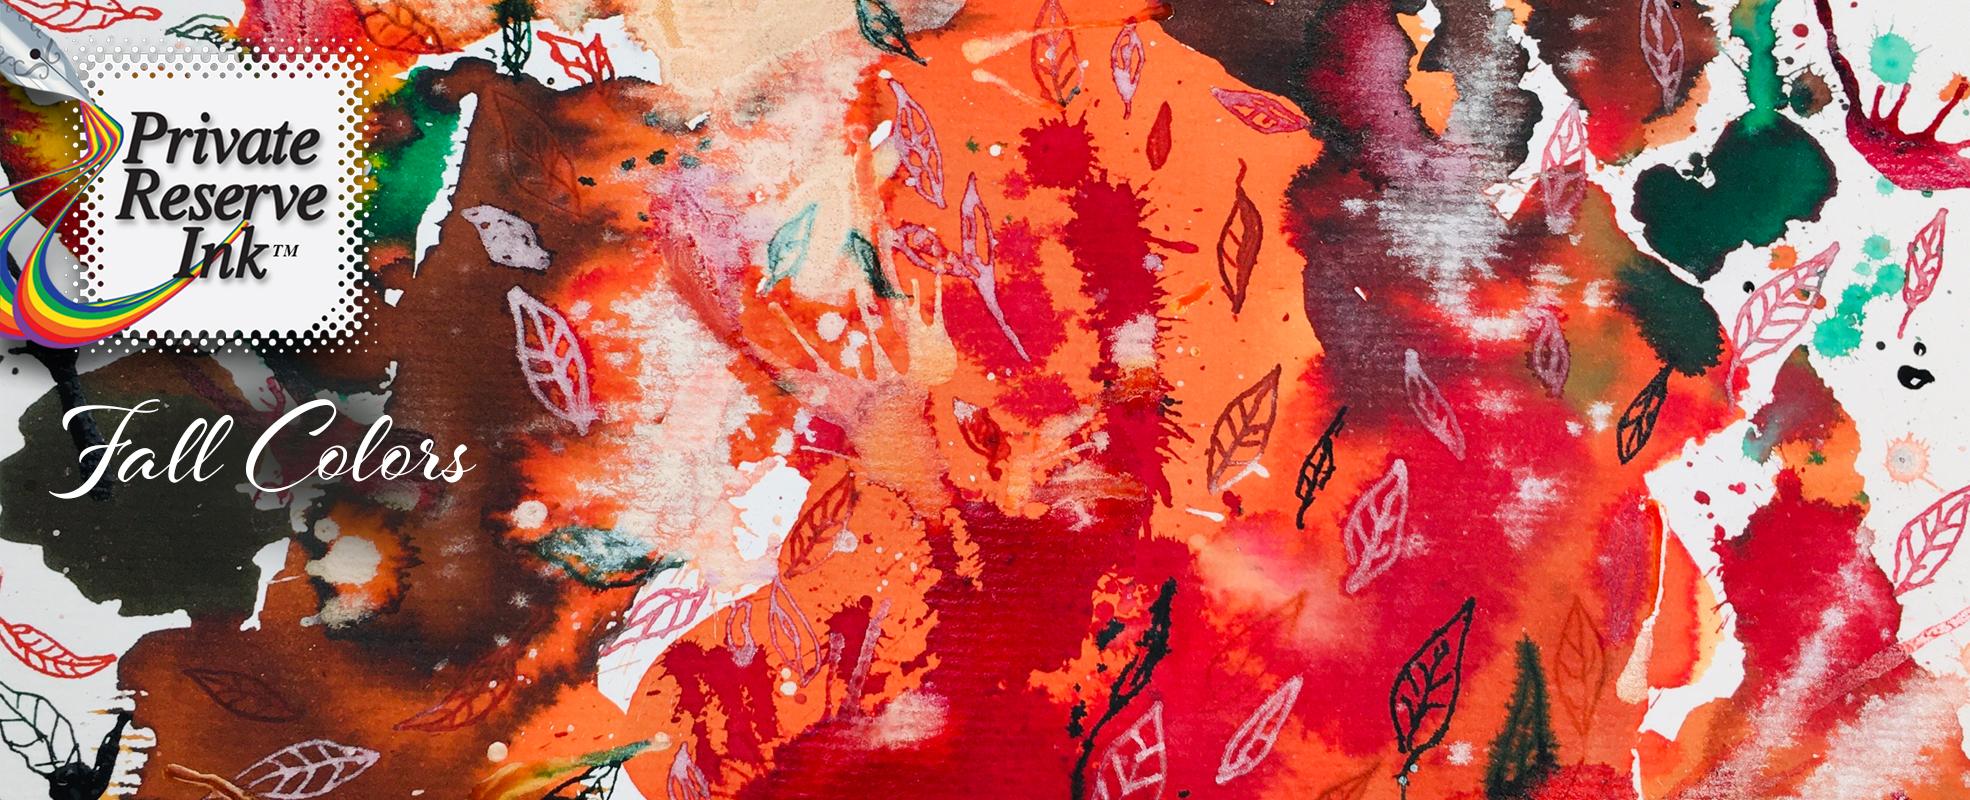 fall-colors-pr-banner.jpg